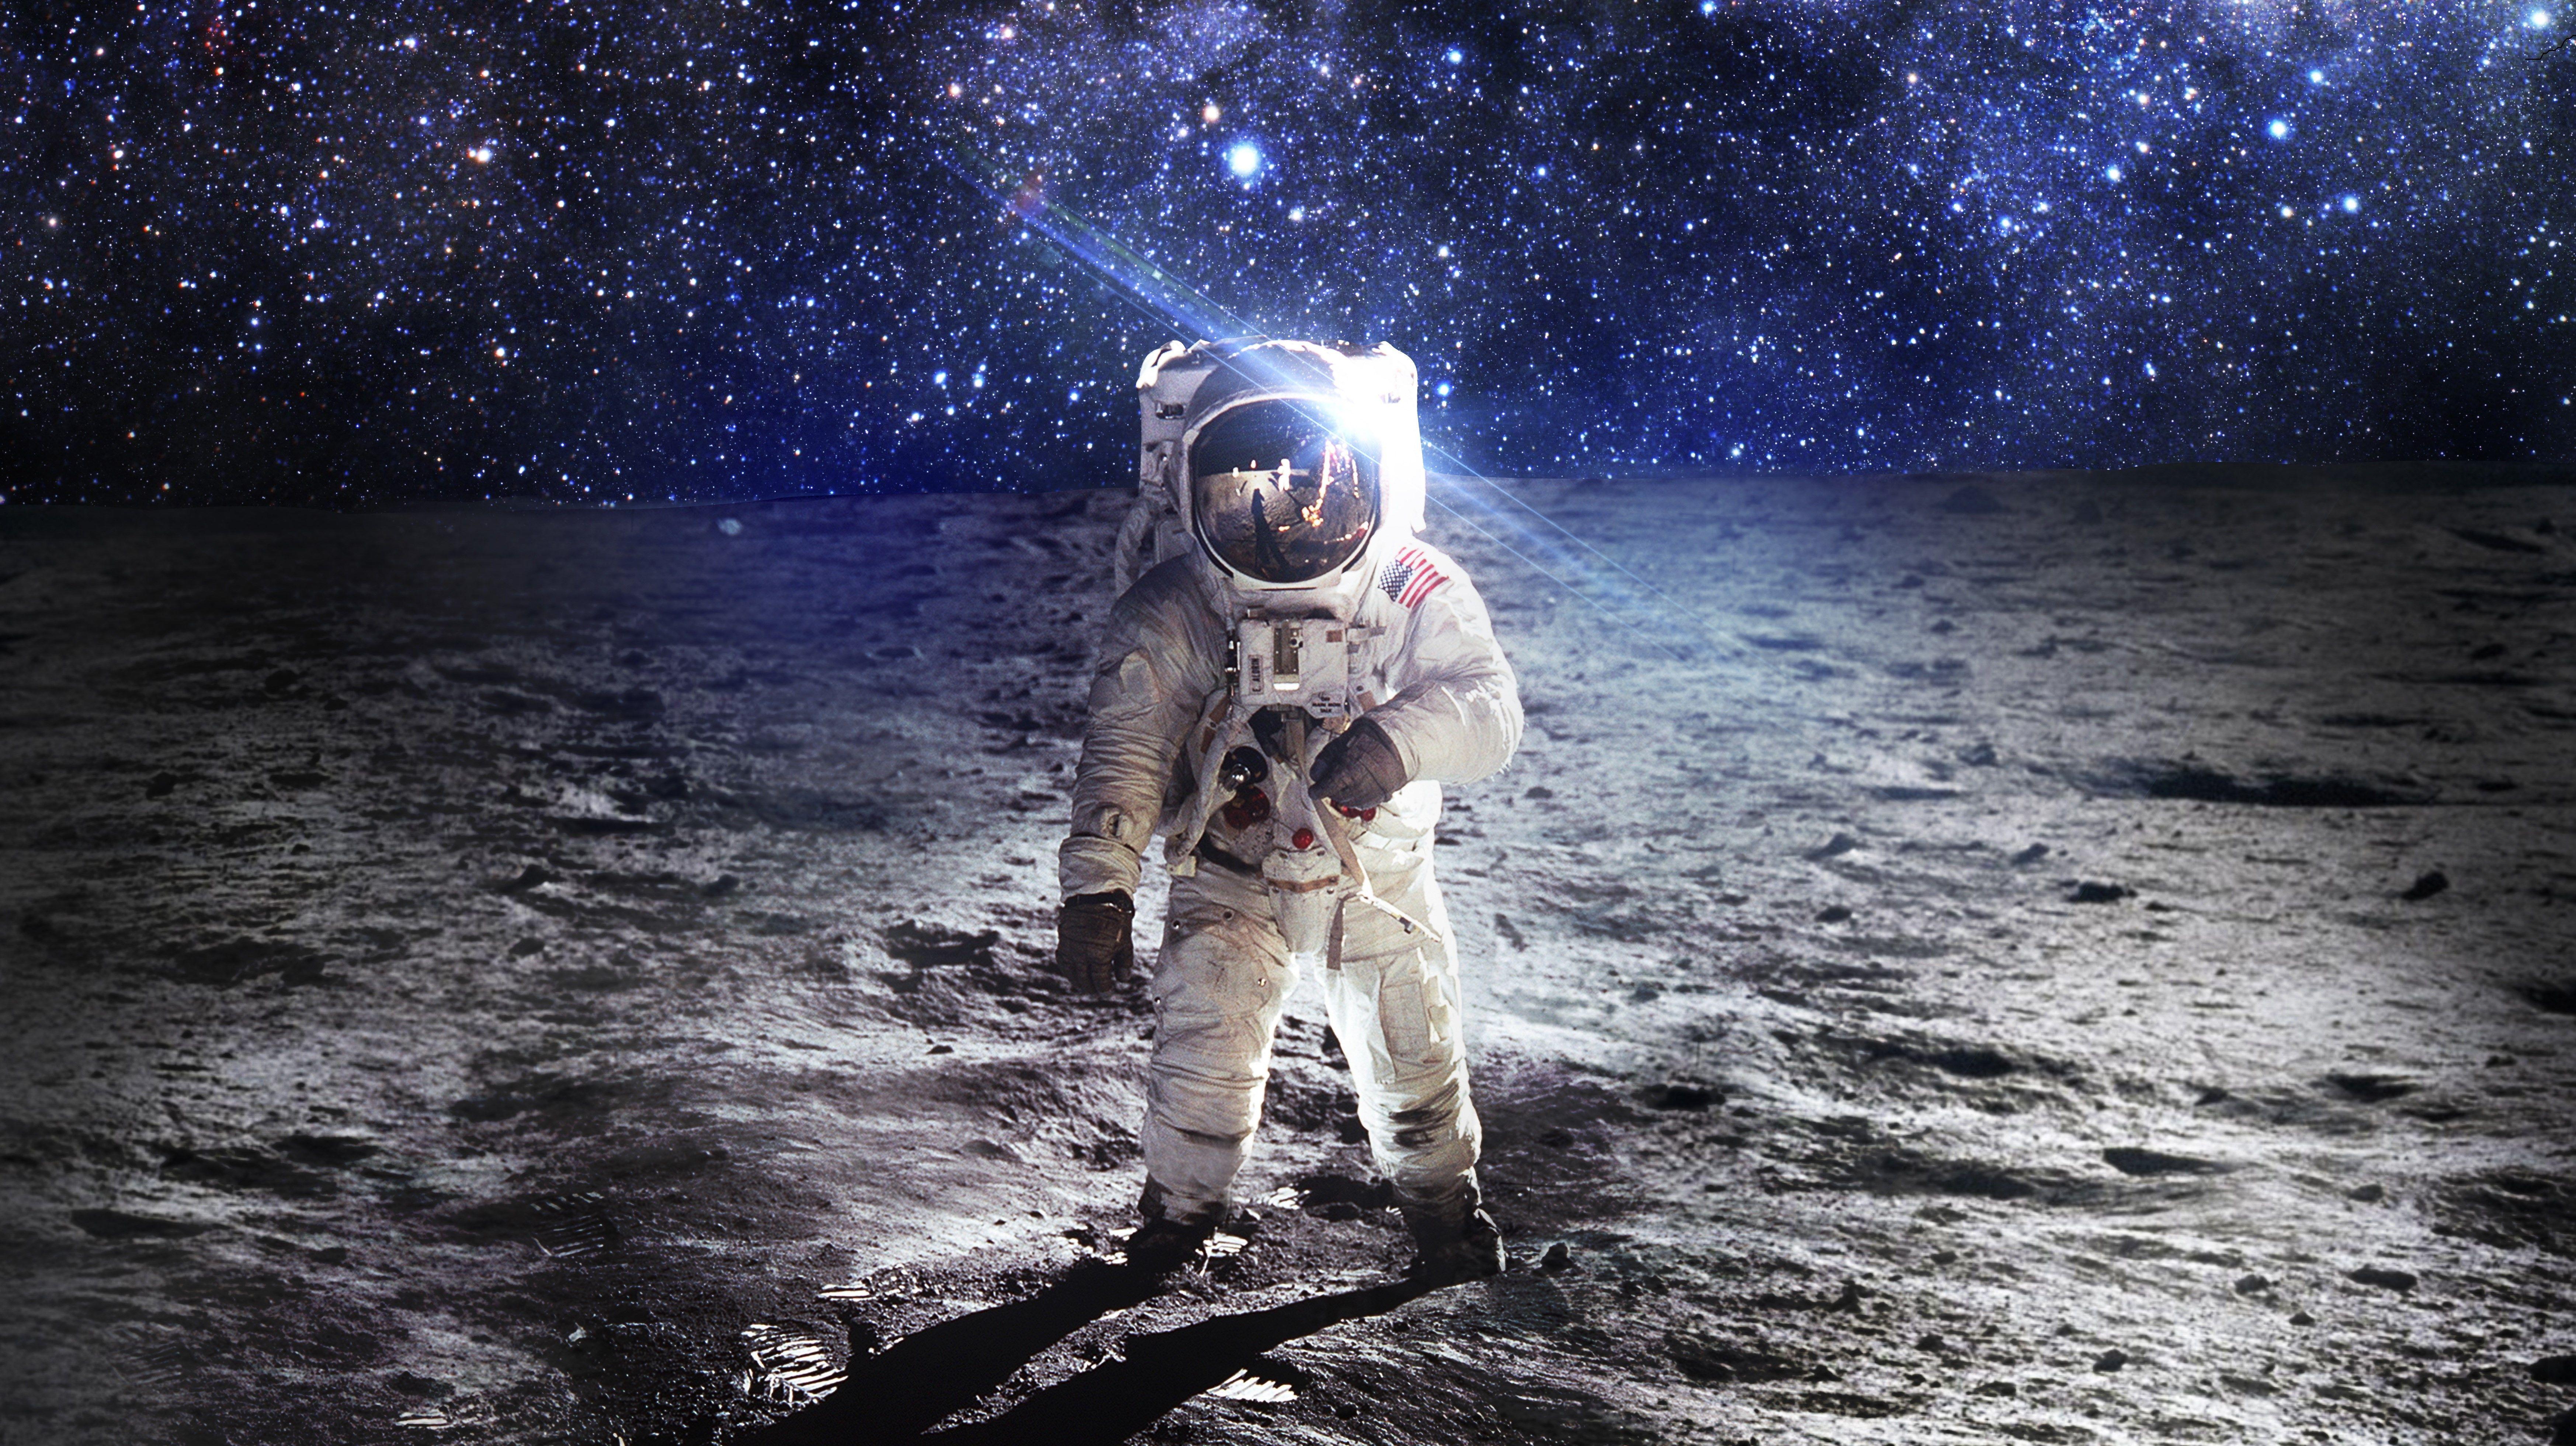 6986x3921 High Resolution Wallpapers Widescreen Astronaut